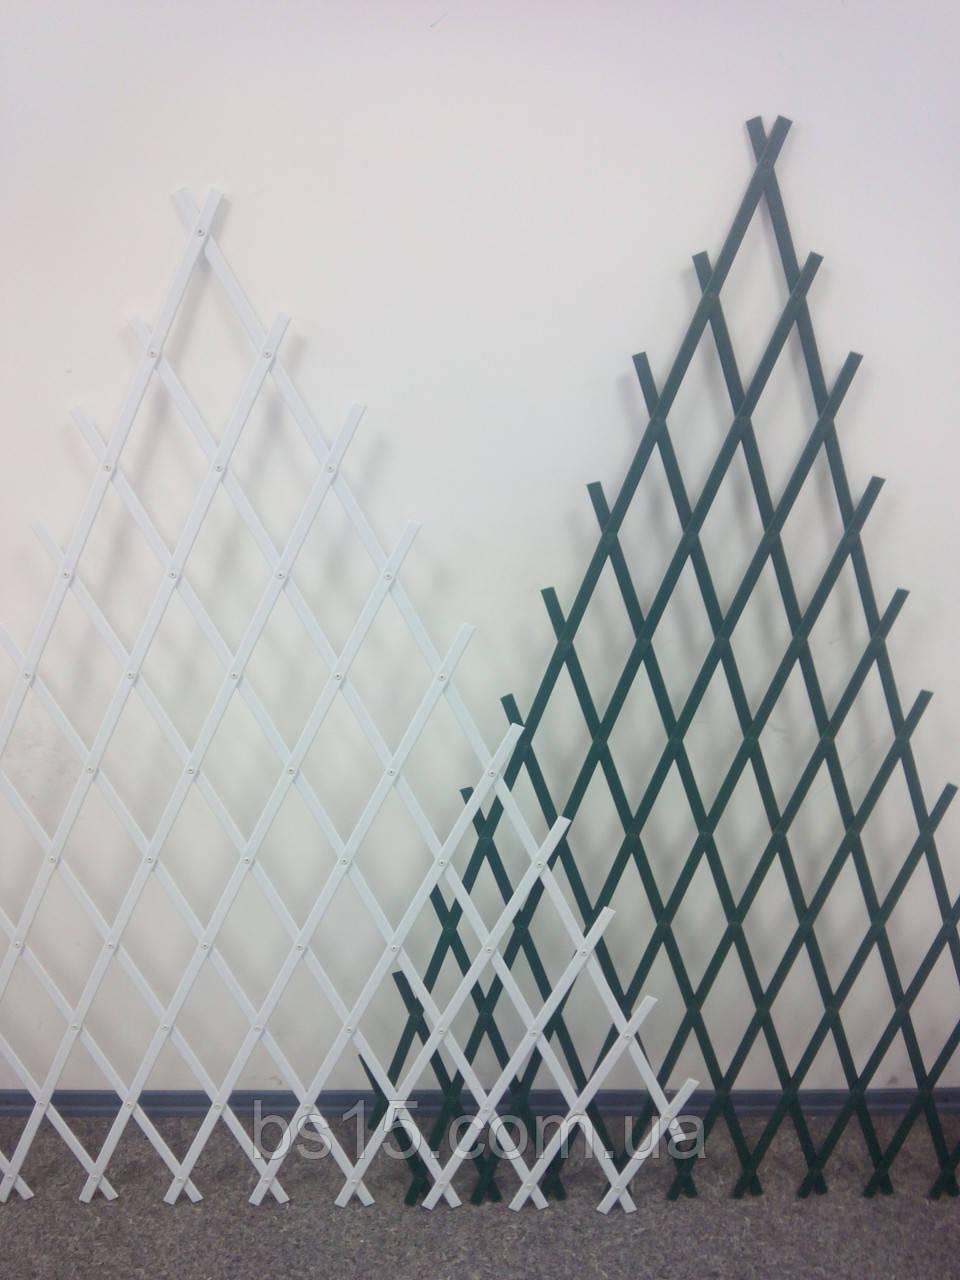 Шпалера садовая пирамидальная 1.5х1.0м белая,зеленая опора для растений с доставкой по Украине, фото 1